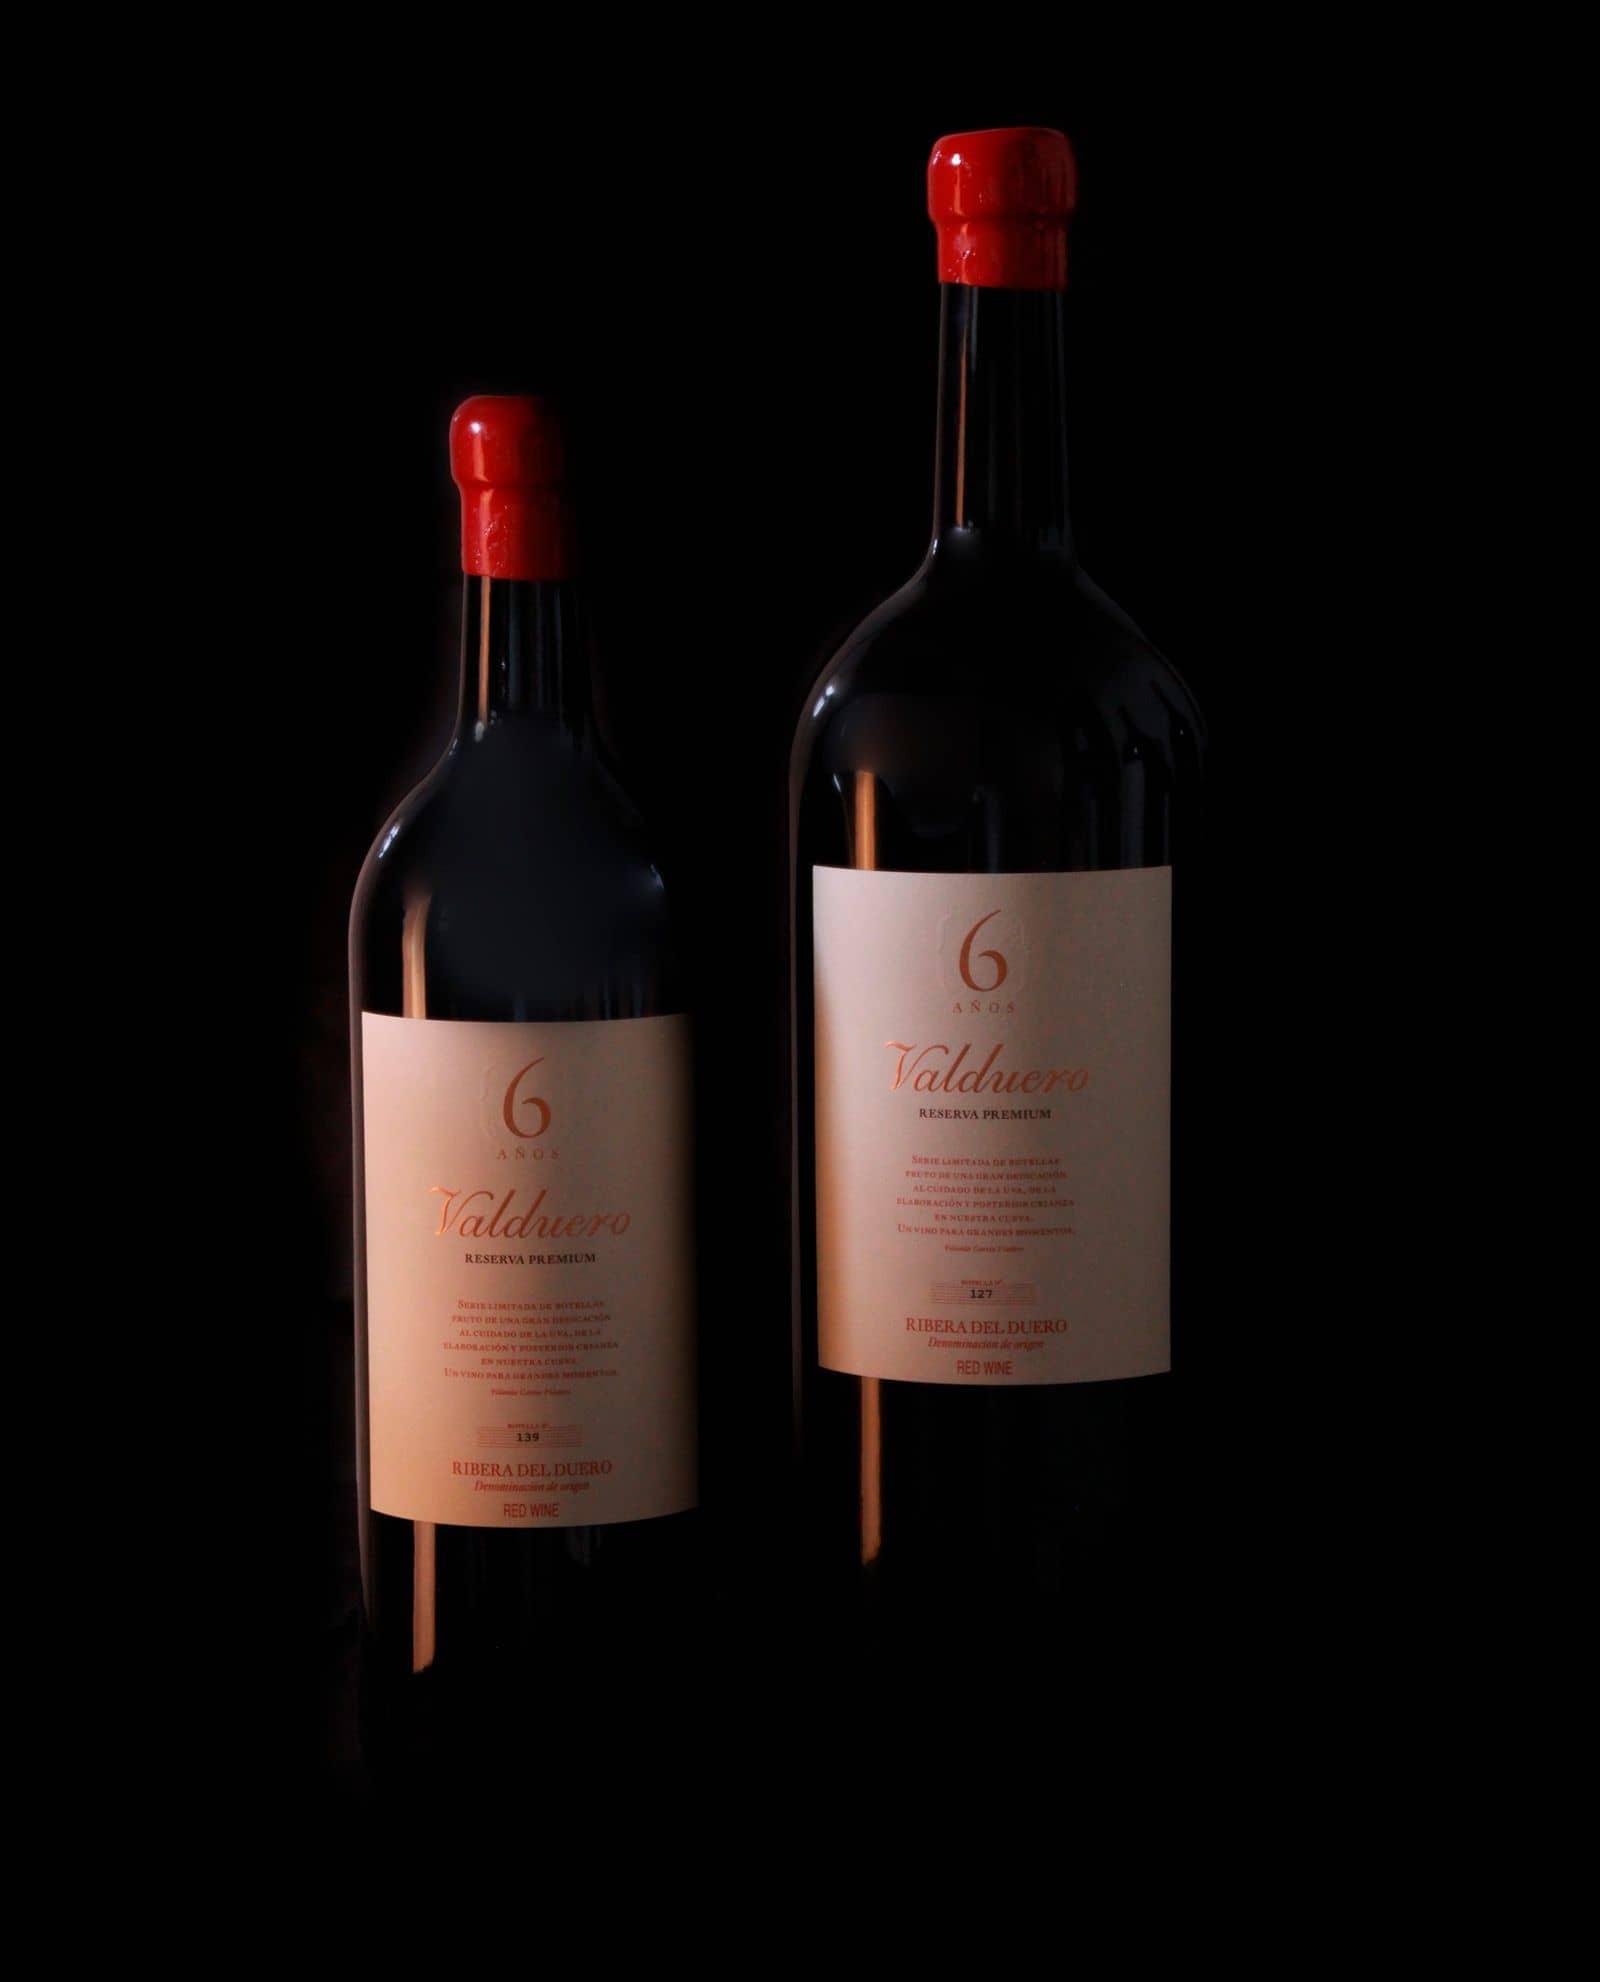 Tamaños Botellas de Vino Valduero 6 años, Vino Ribera del Duero, VIno tinto